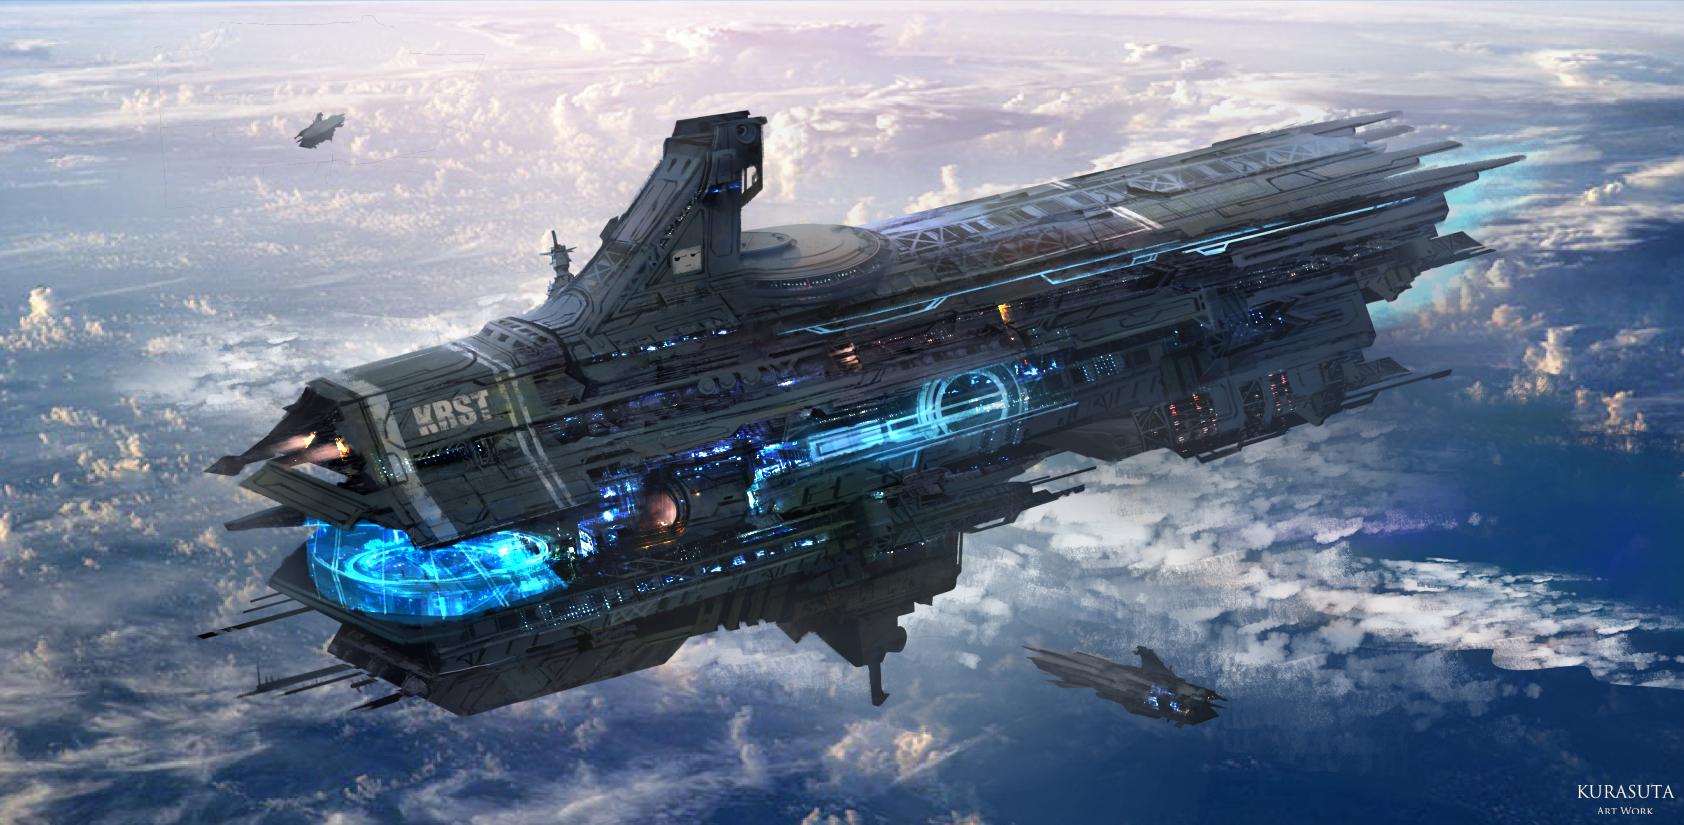 его знают фото космических кораблей из фантастики помощью подоспевших рыболовных